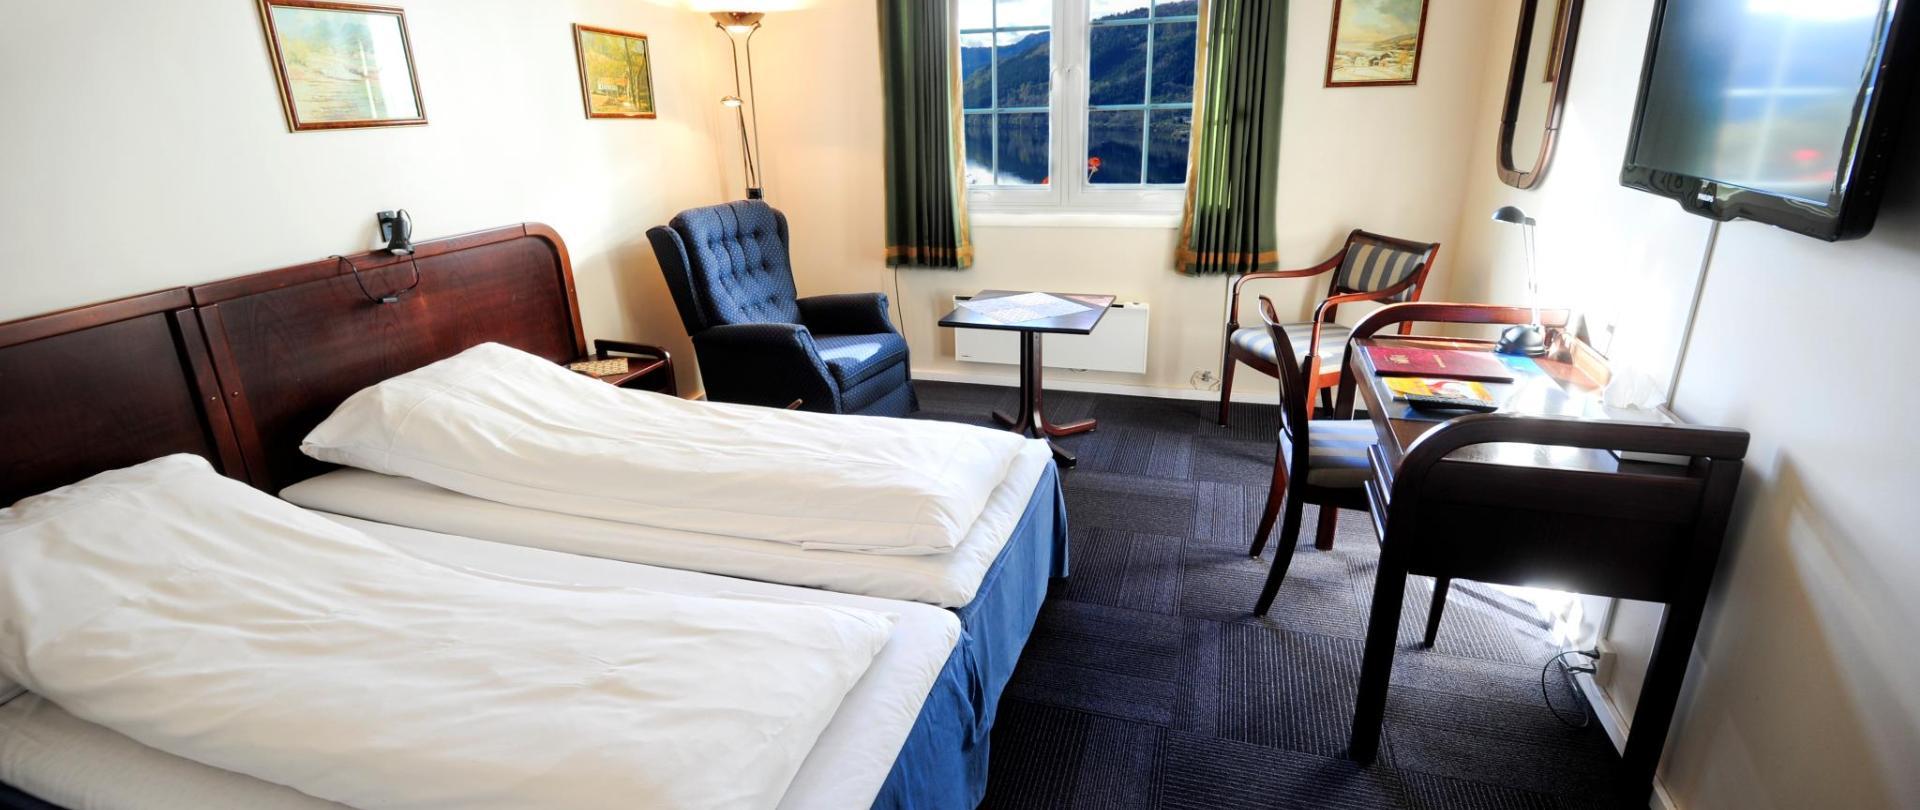 Moi Hotel